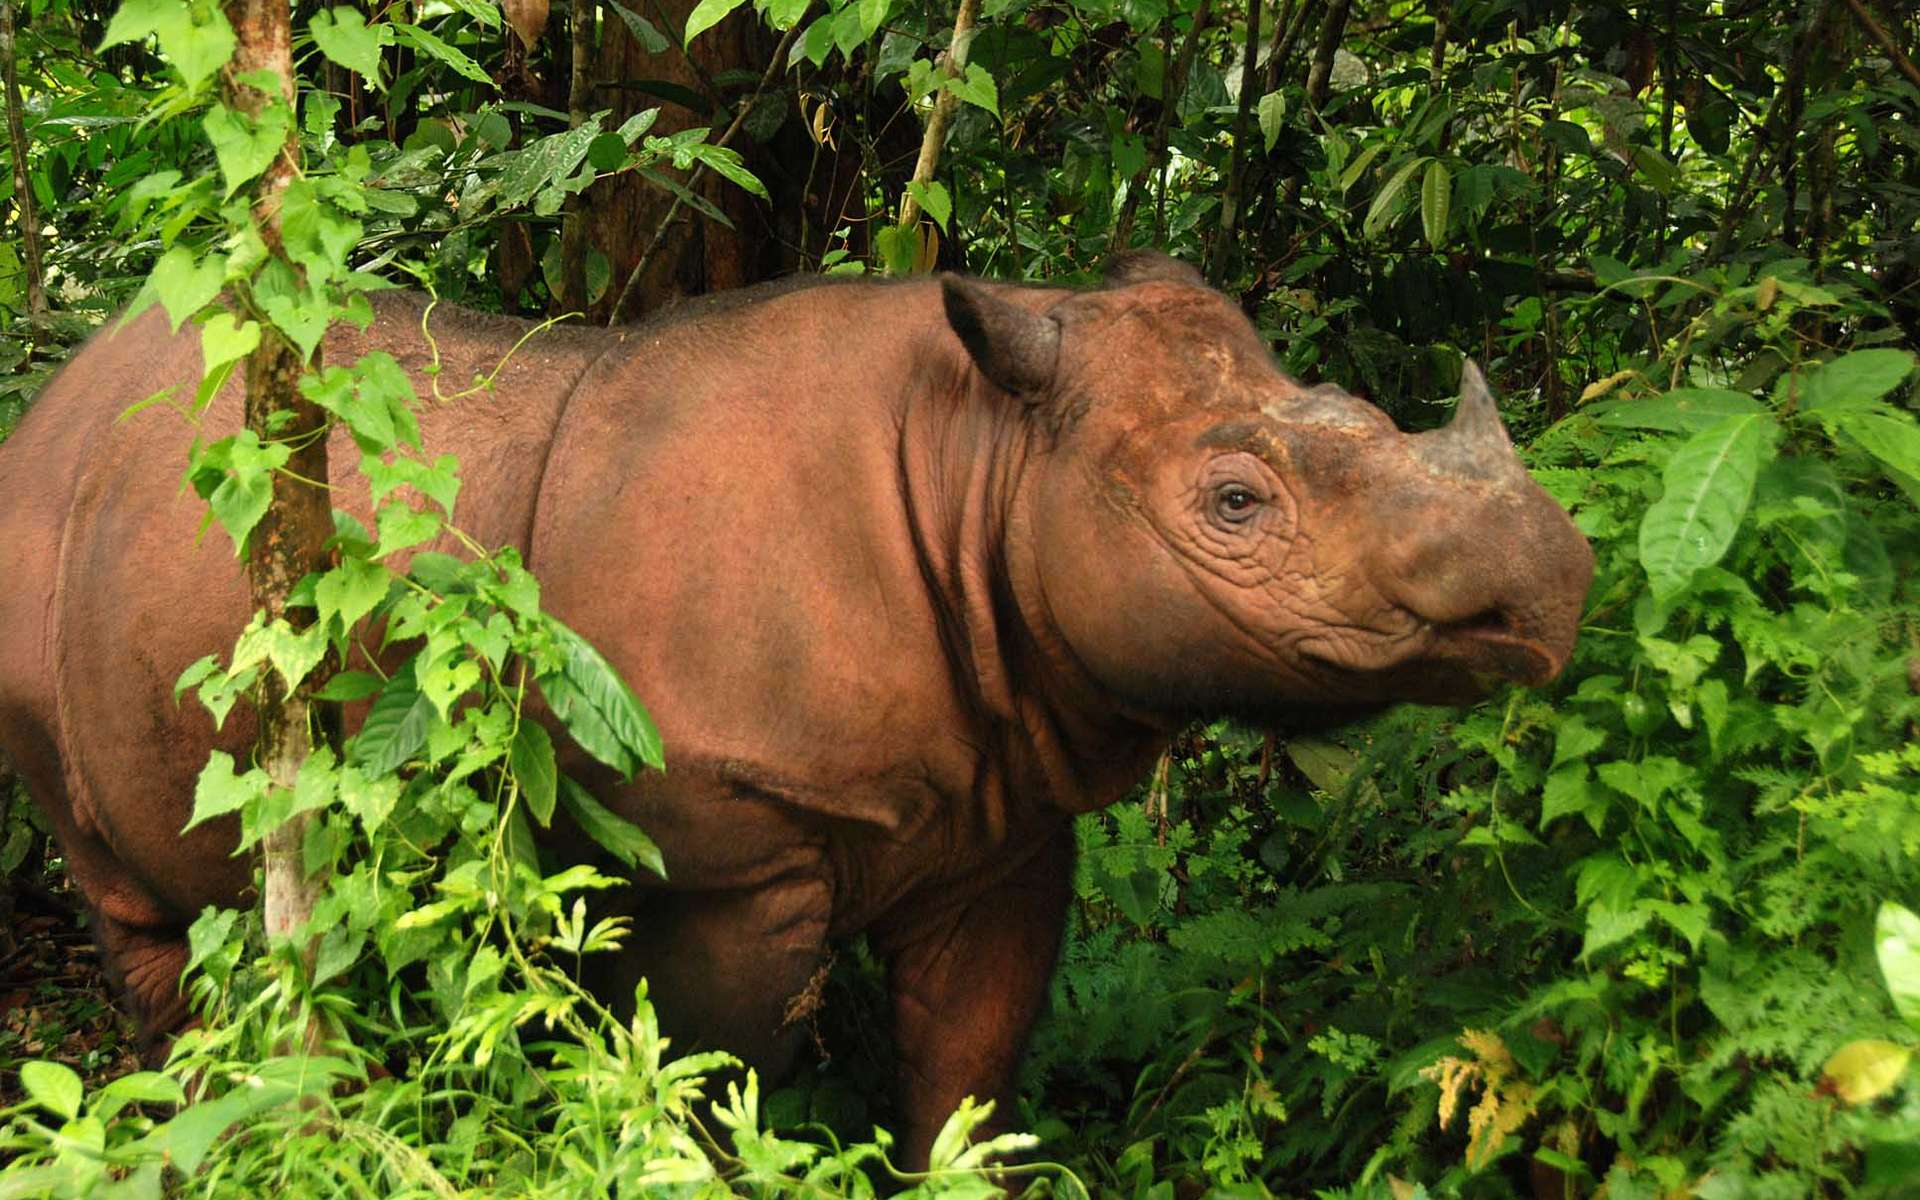 Le rhinocéros de Sumatra n'existe plus à l'état sauvage en Malaisie depuis 2014. © International Rhino Foundation